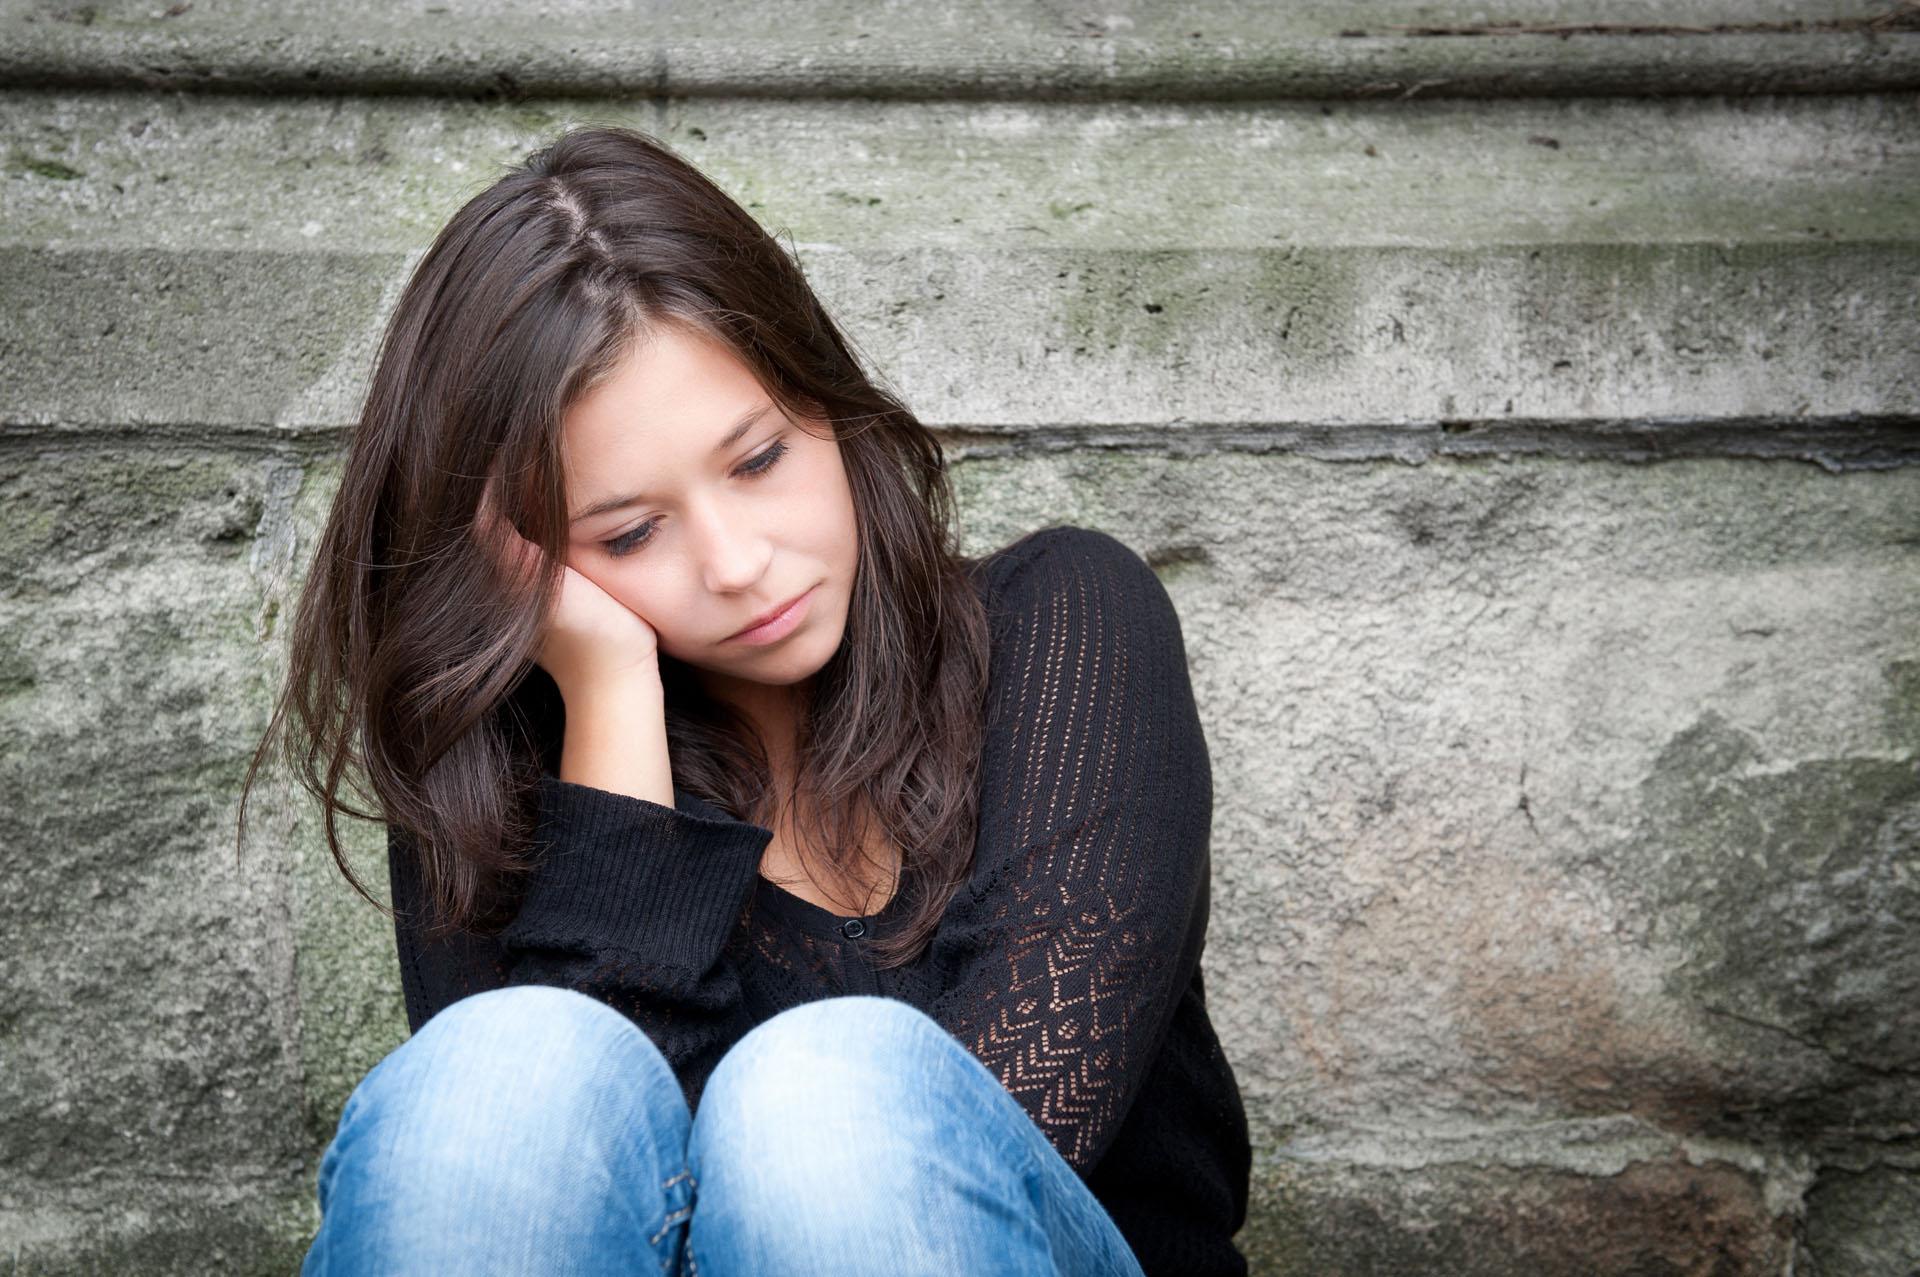 девушка грустит, чувство вины